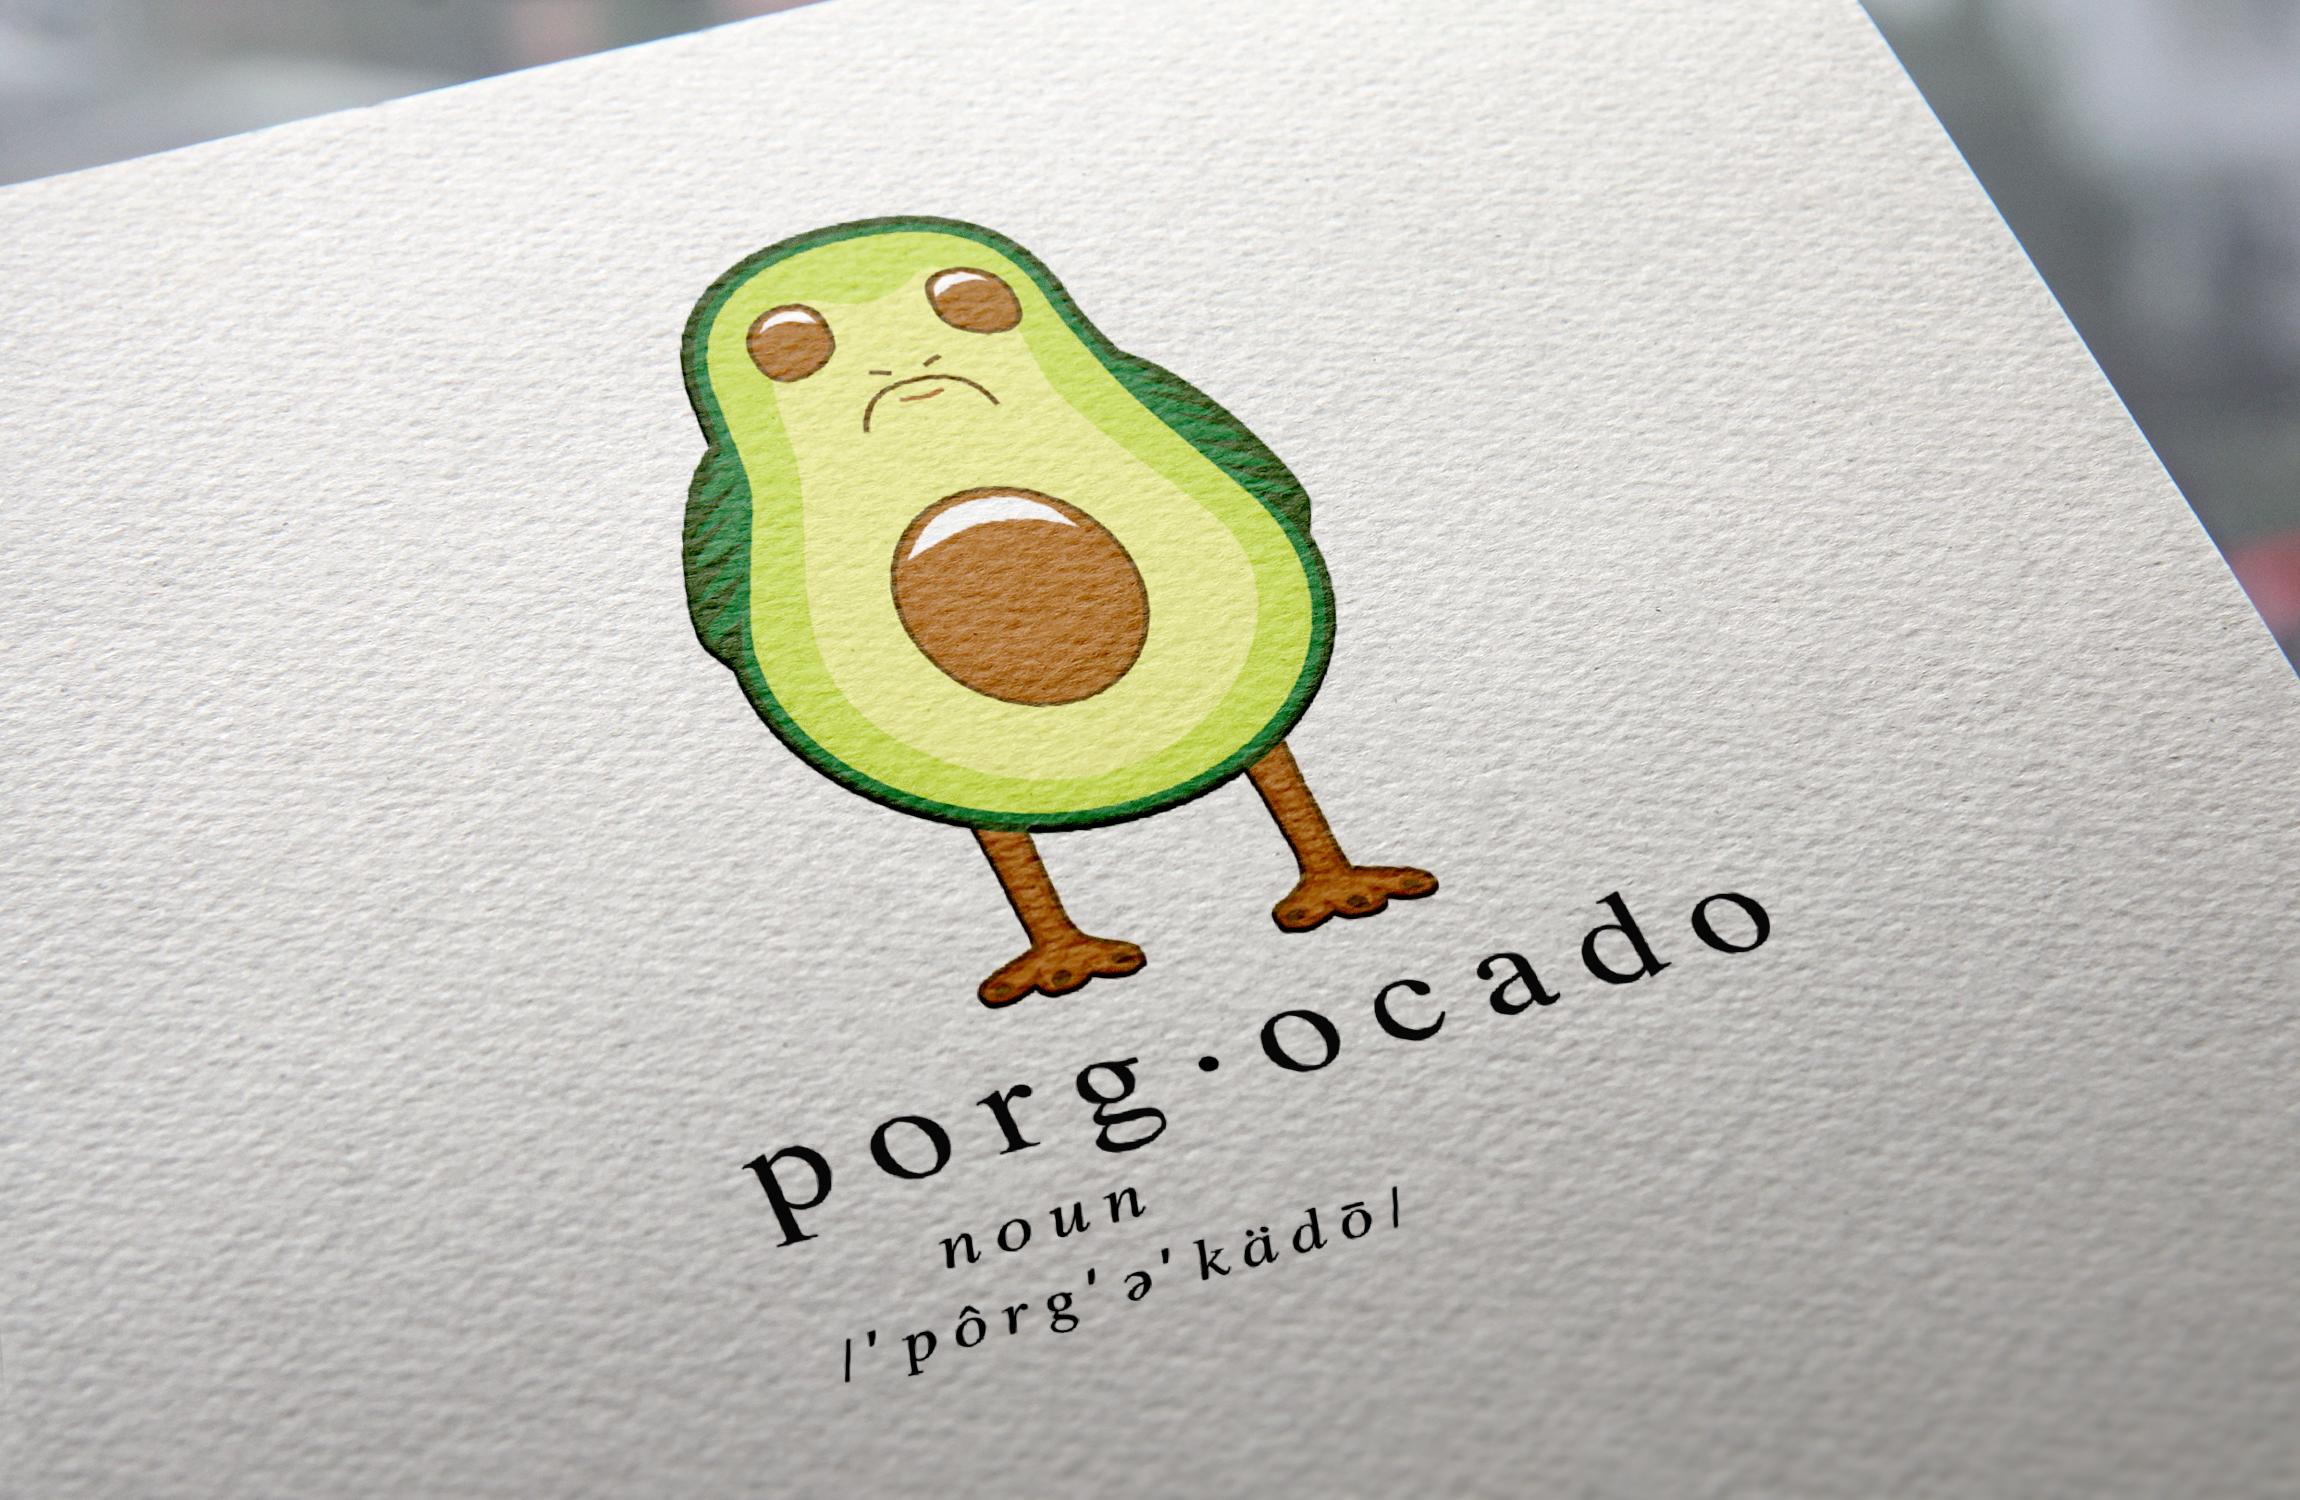 Porgocado_print.jpg